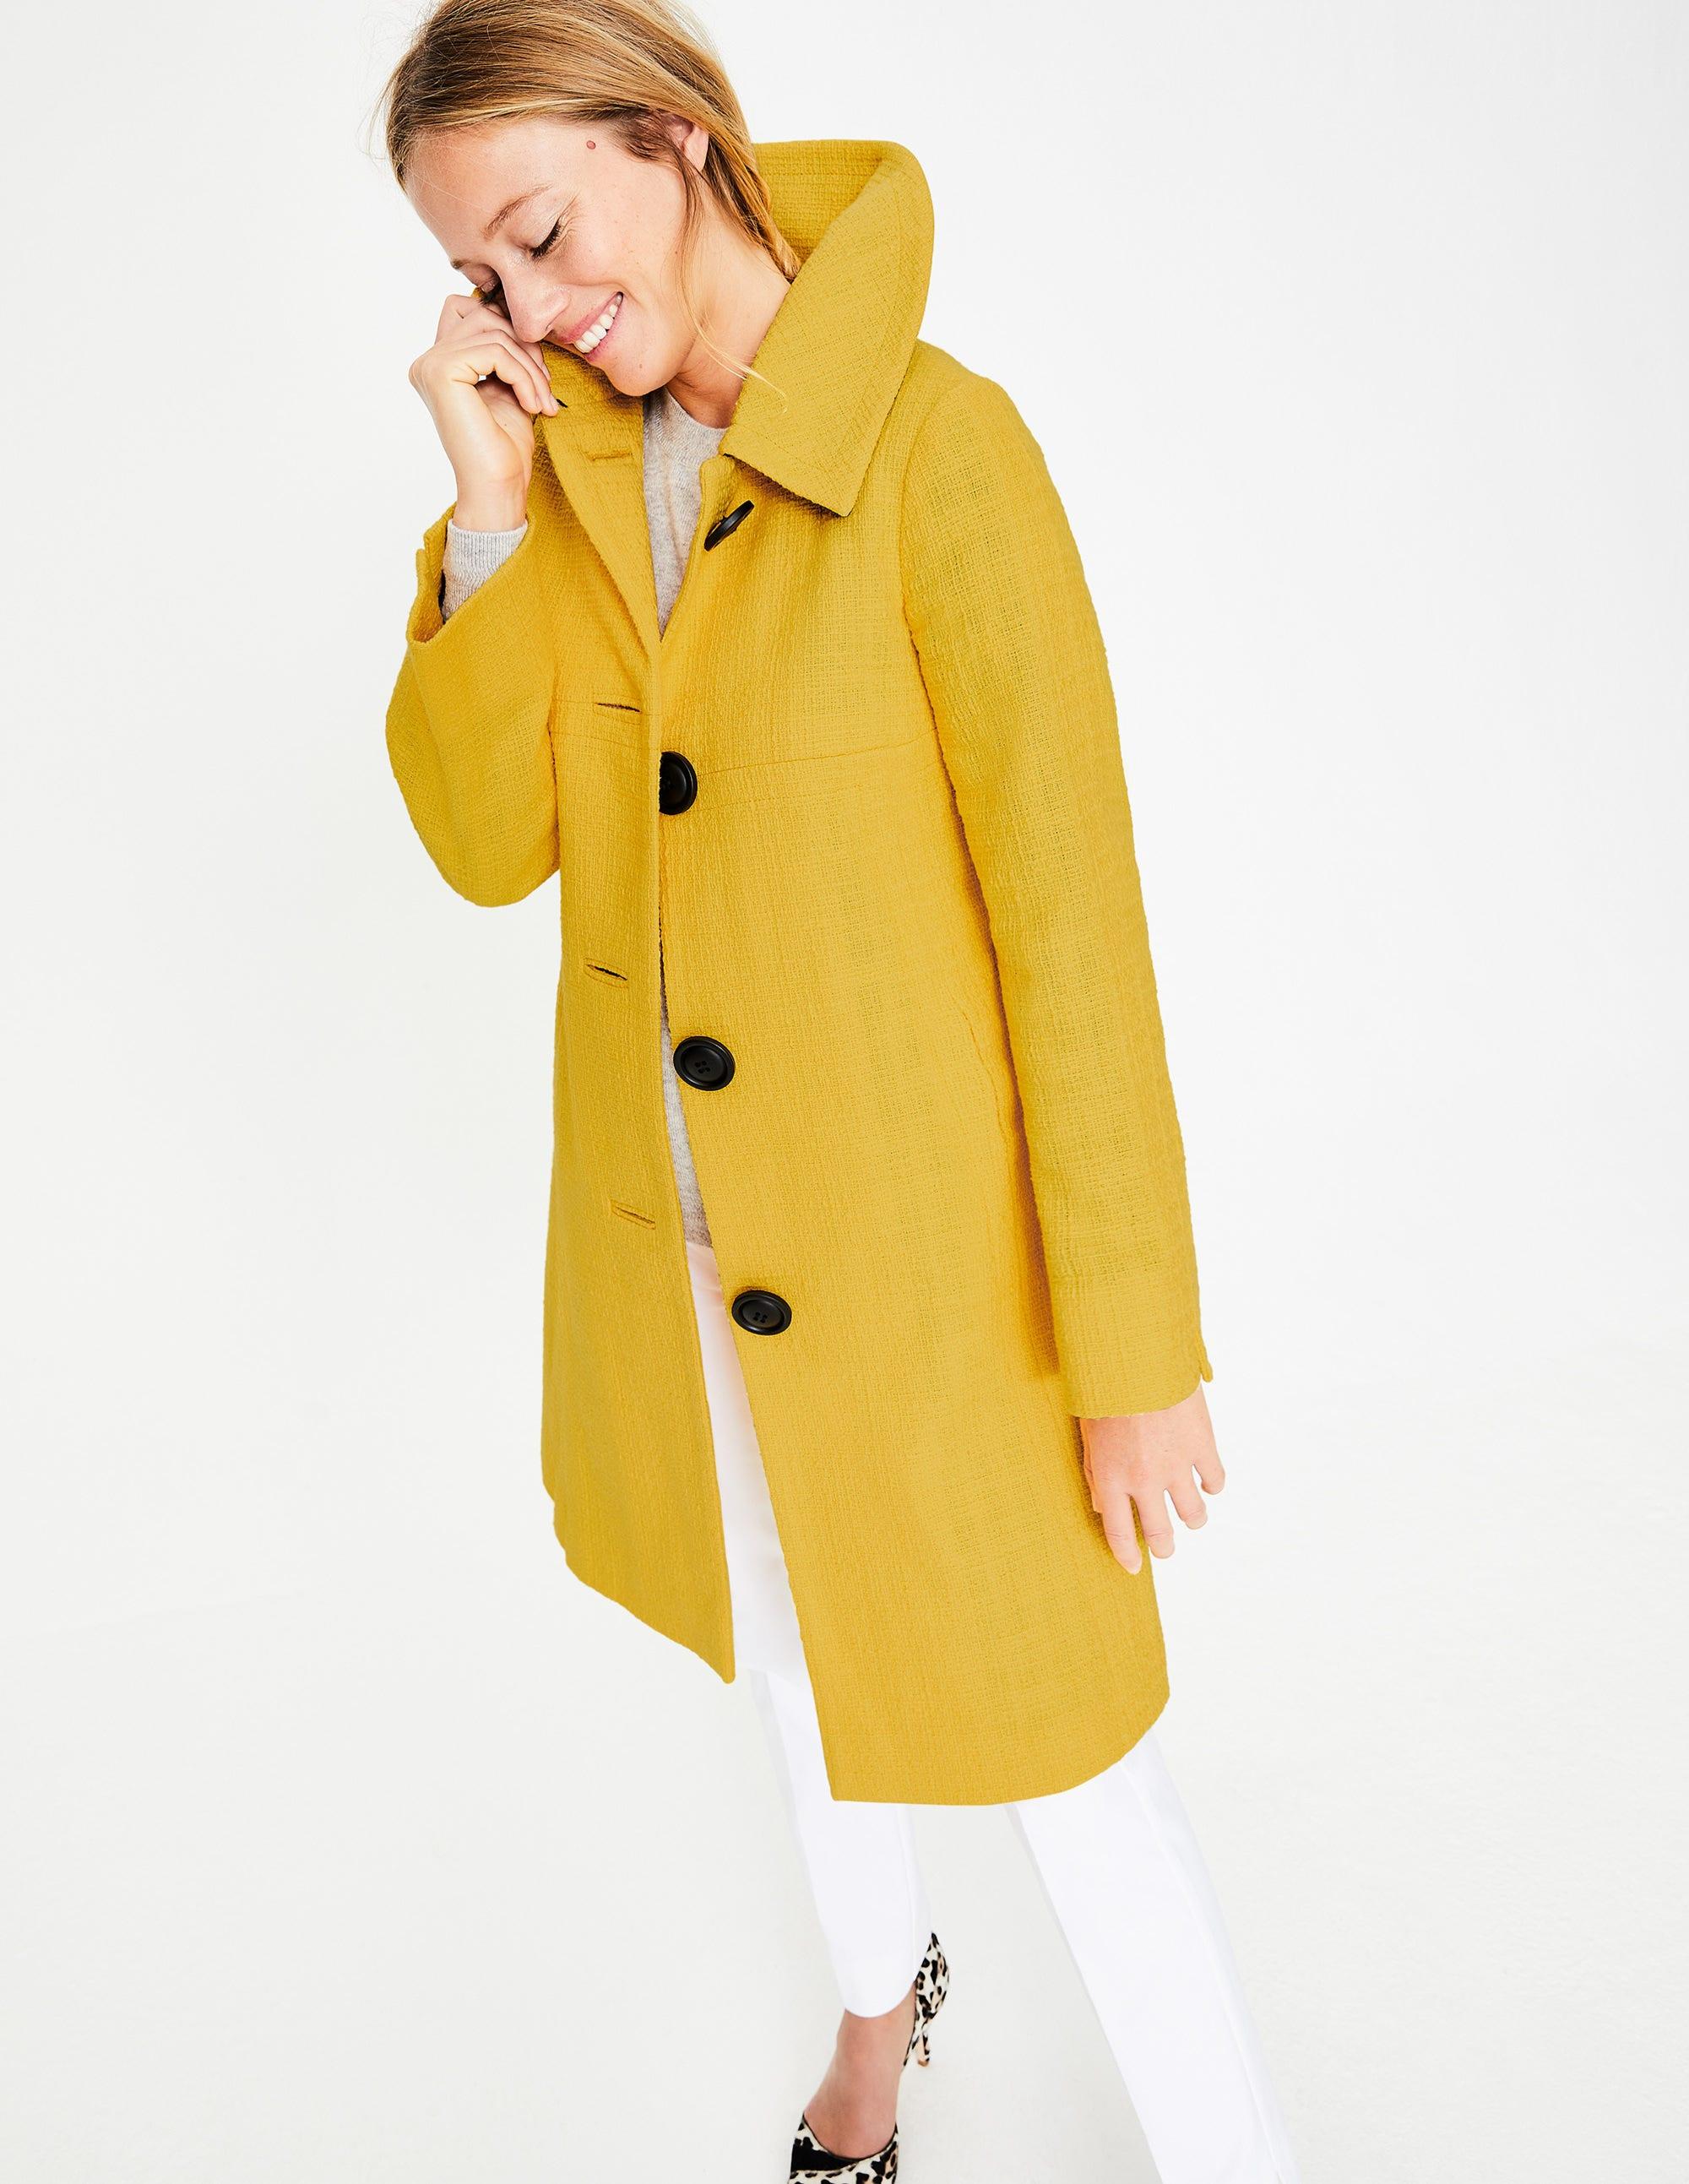 Manteau coupe trapèze rétro YEL Femme Boden, Yellow